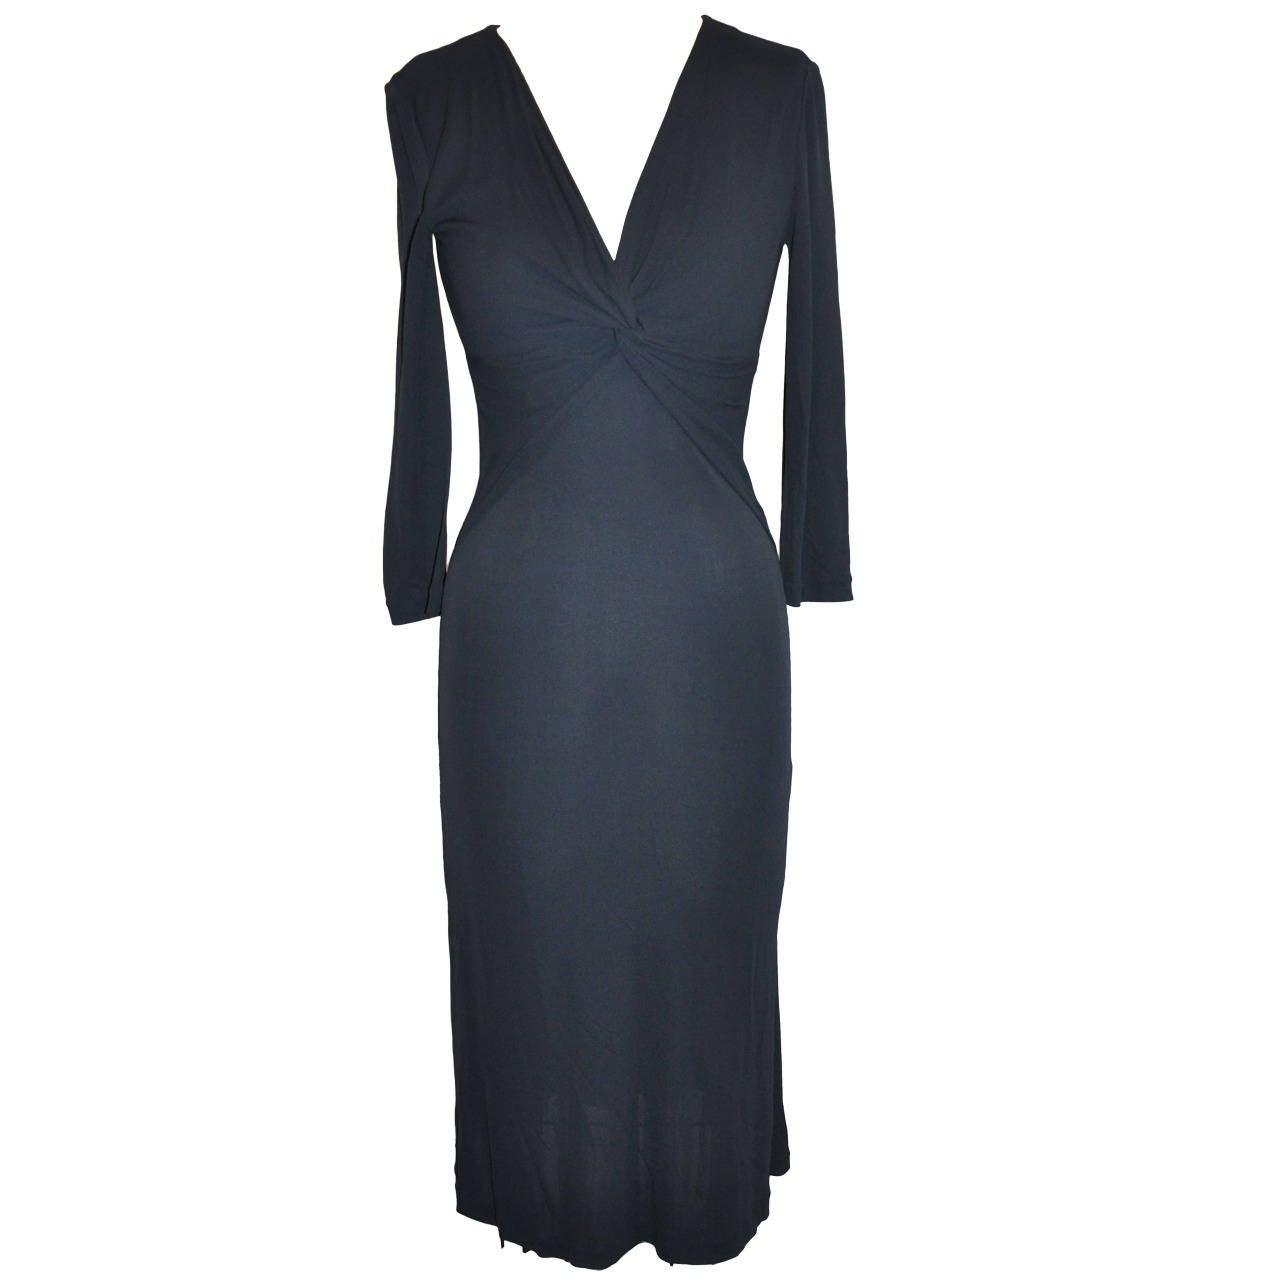 Georgio Armani Midnight Blue Silk Jersey Form-Fitting Dress